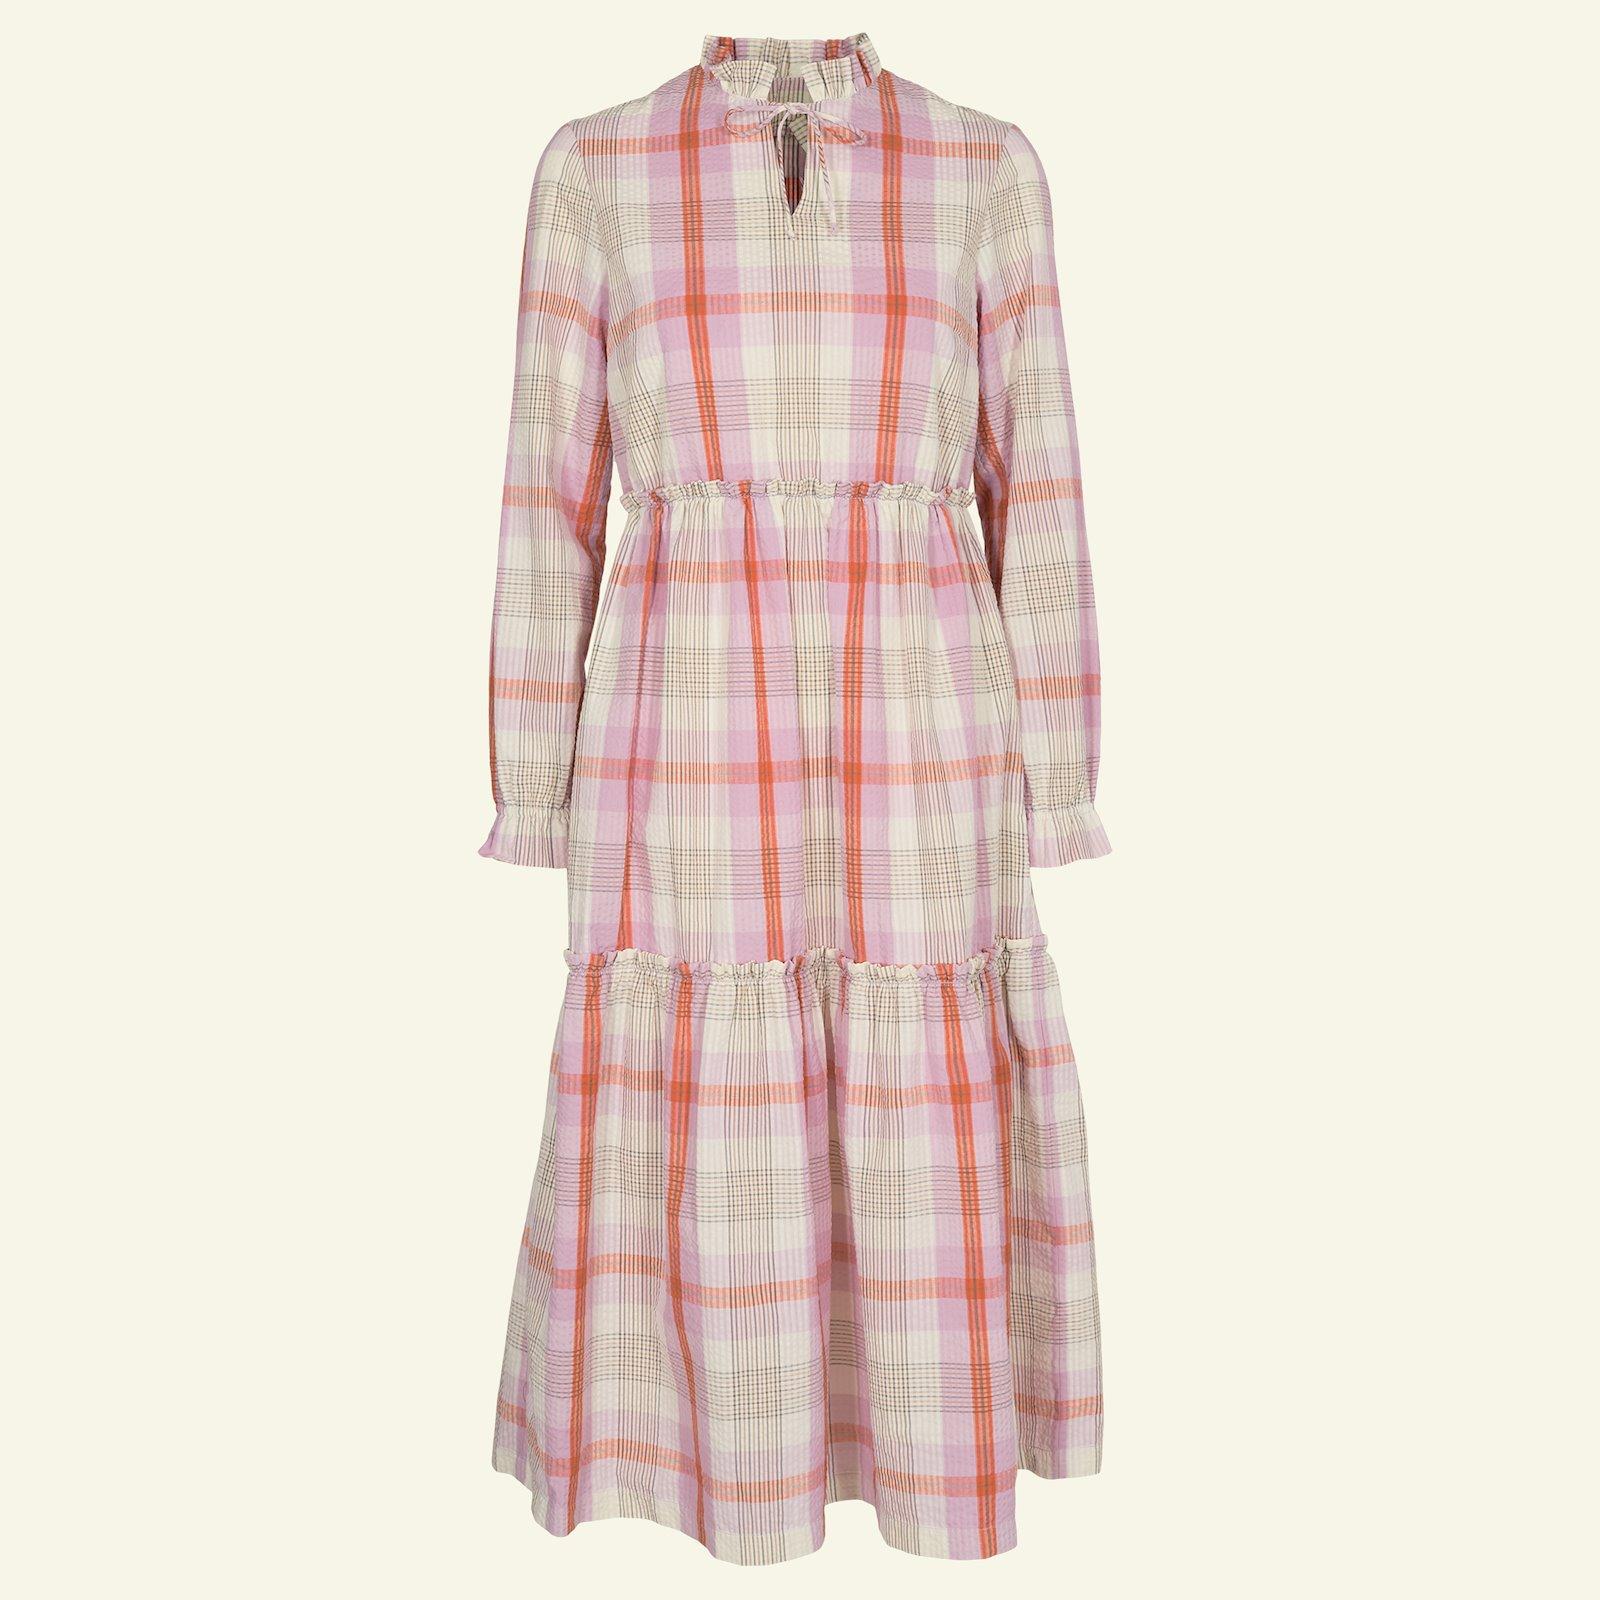 Smock dress, 38/10 p23159_580050_sskit